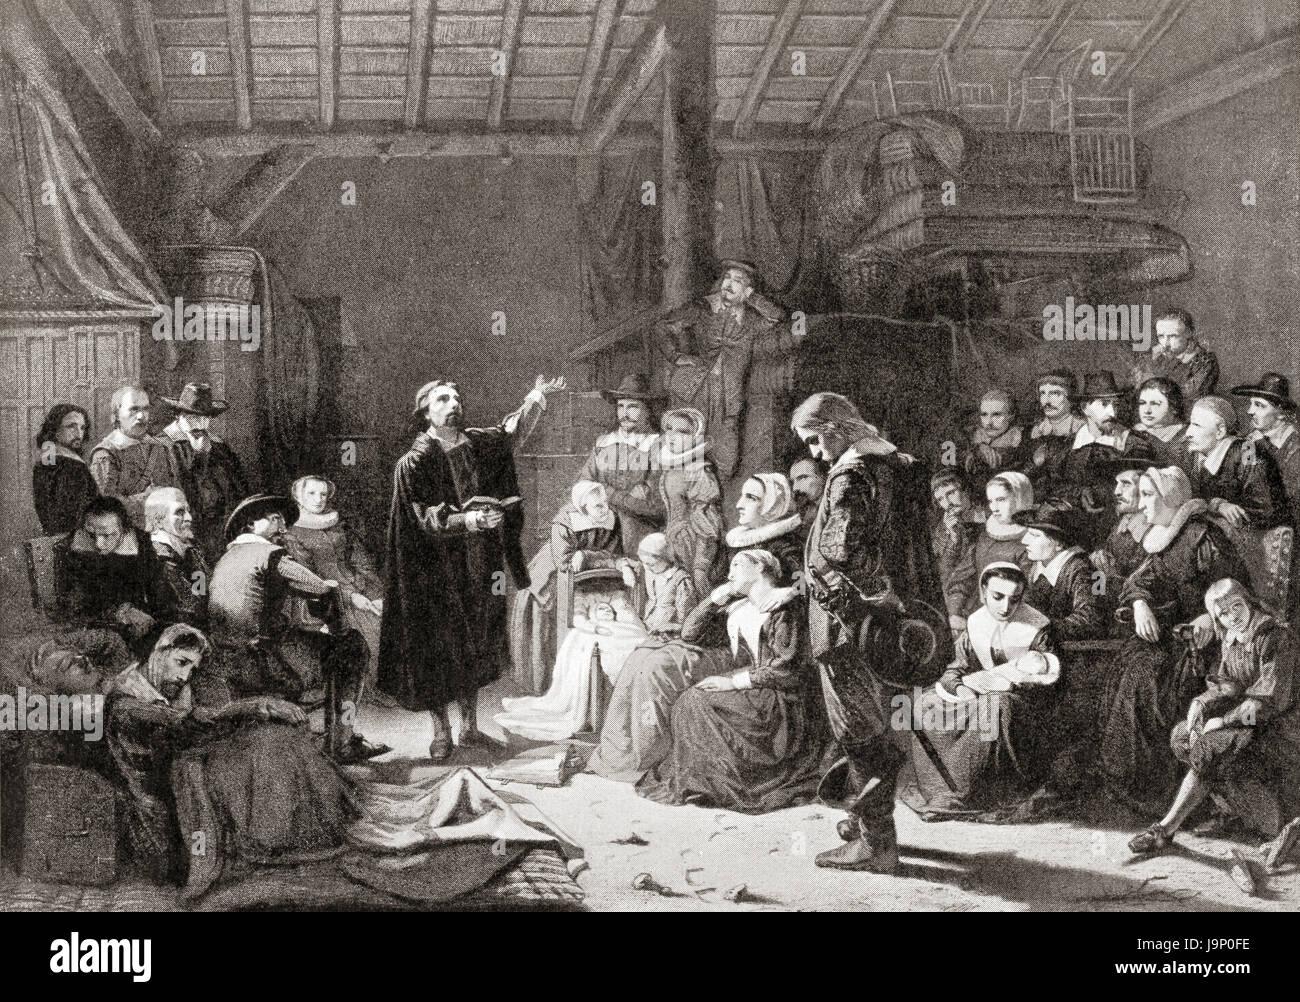 Das erste Treffen der Pilgerväter, 17. Jahrhundert.  Hutchinson Geschichte der Nationen veröffentlichte Stockbild